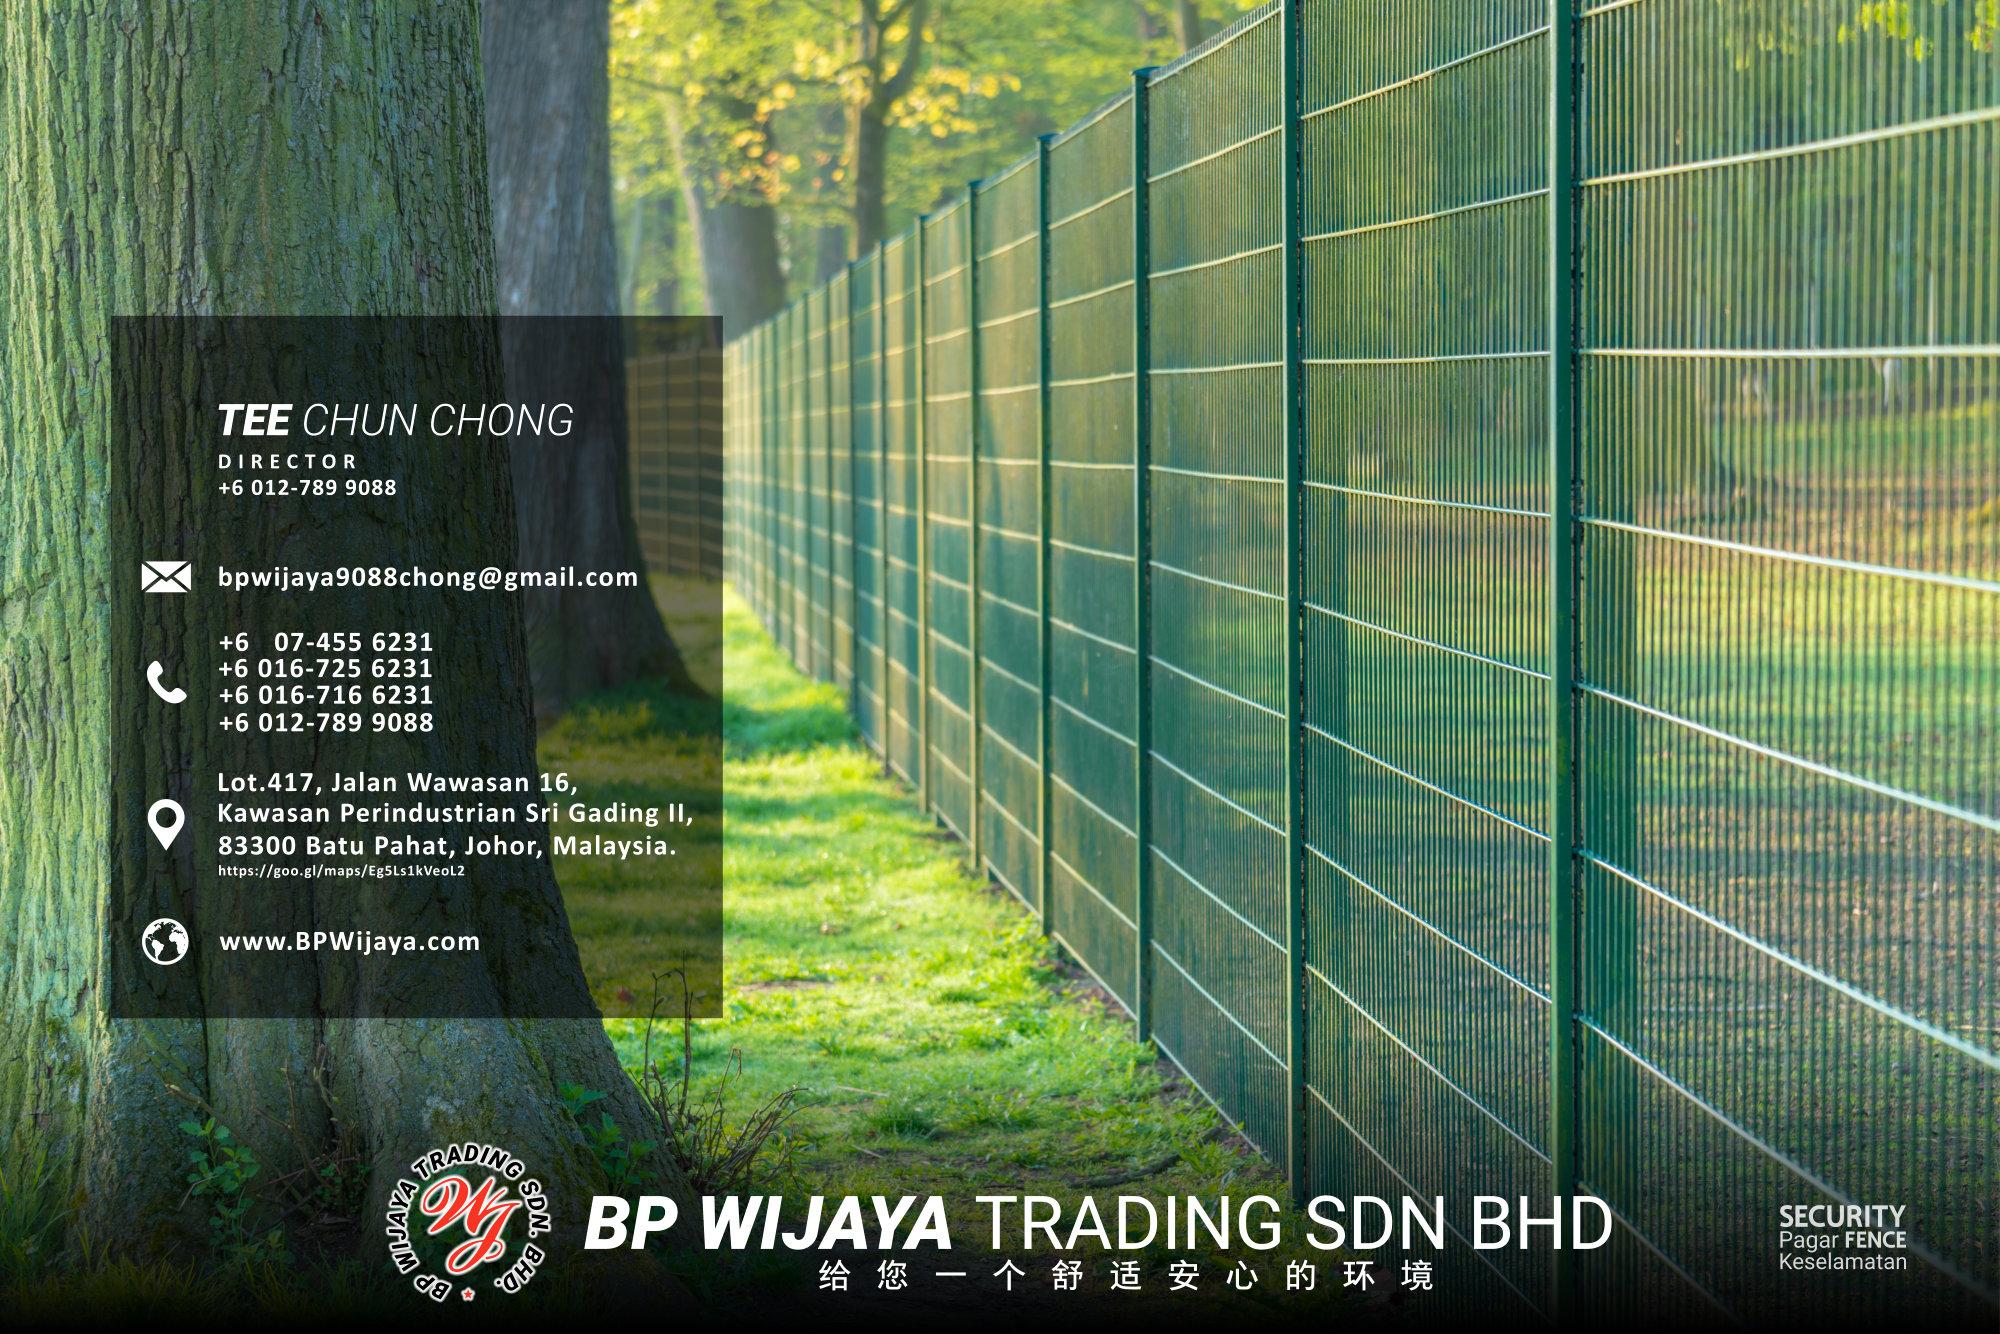 吉隆坡安全篱笆供应商 - 我们是安全篱笆制造商 BP Wijaya Trading Sdn Bhd 住家围栏篱笆 提供 吉隆坡篱笆 建筑材料 给 发展商 花园 公寓 住家 工厂 农场 果园 安全藩篱 建设 A03-006